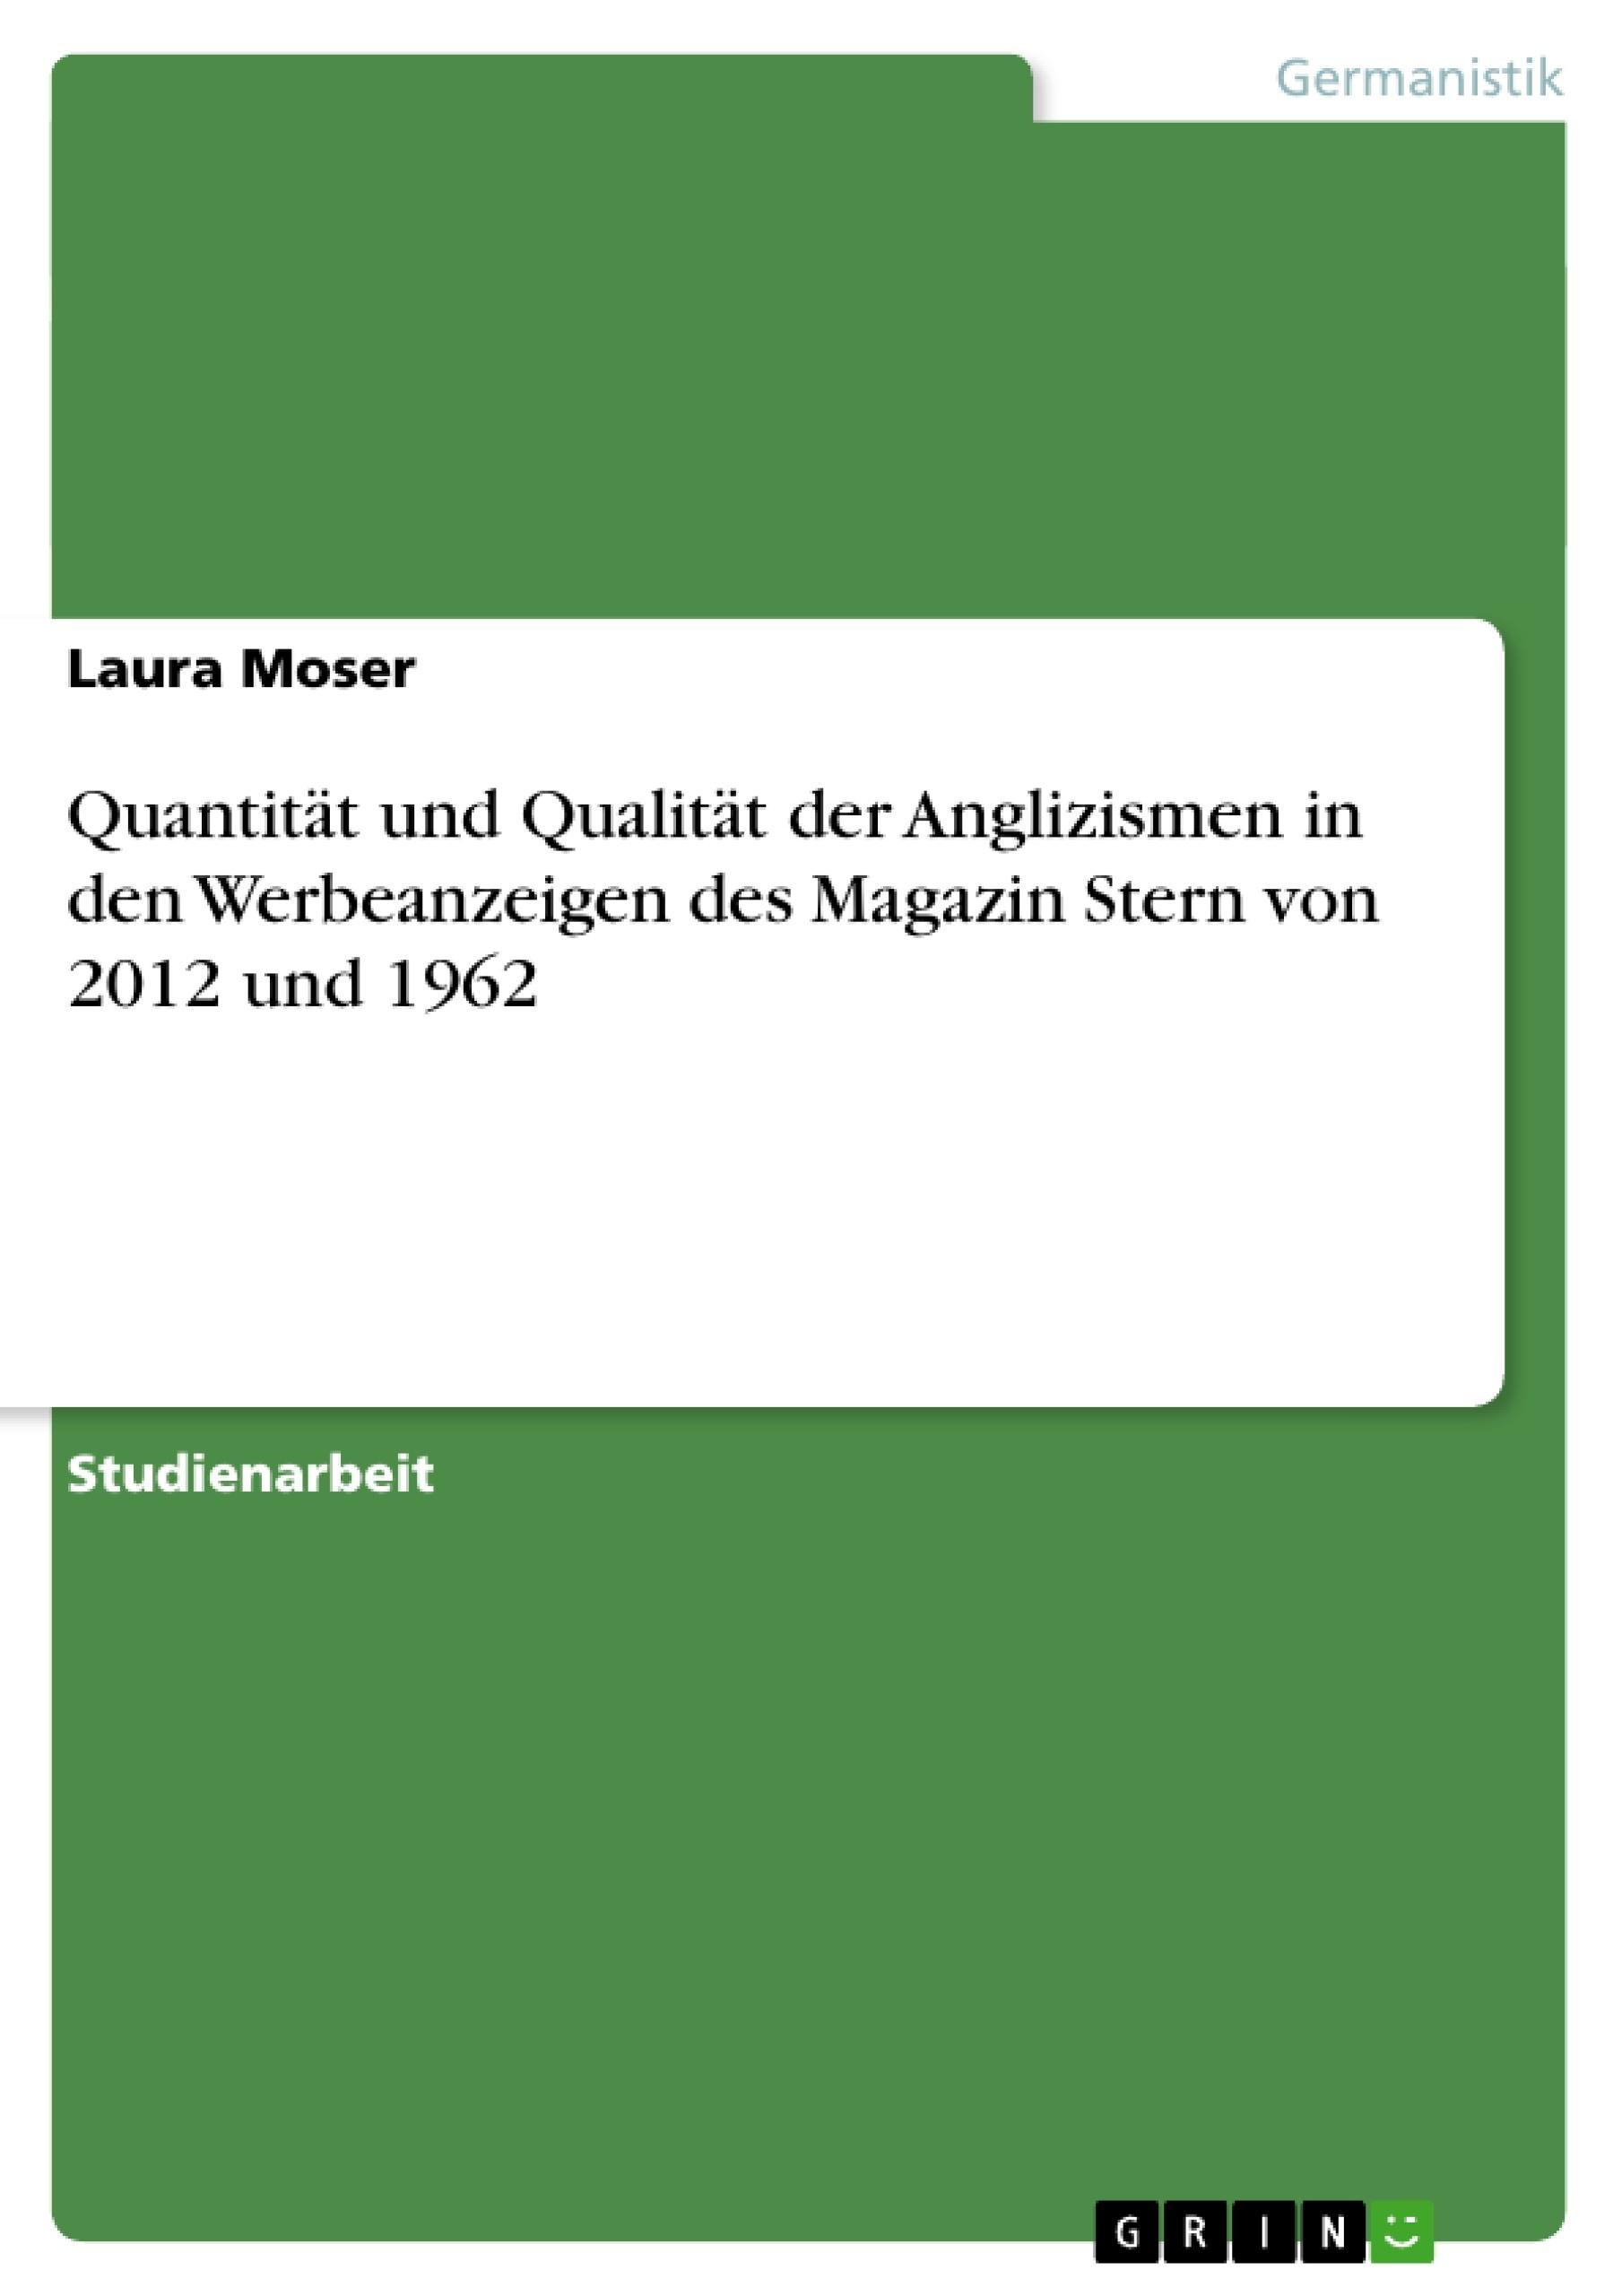 Titel: Quantität und Qualität der Anglizismen in den Werbeanzeigen des Magazin Stern von 2012 und 1962